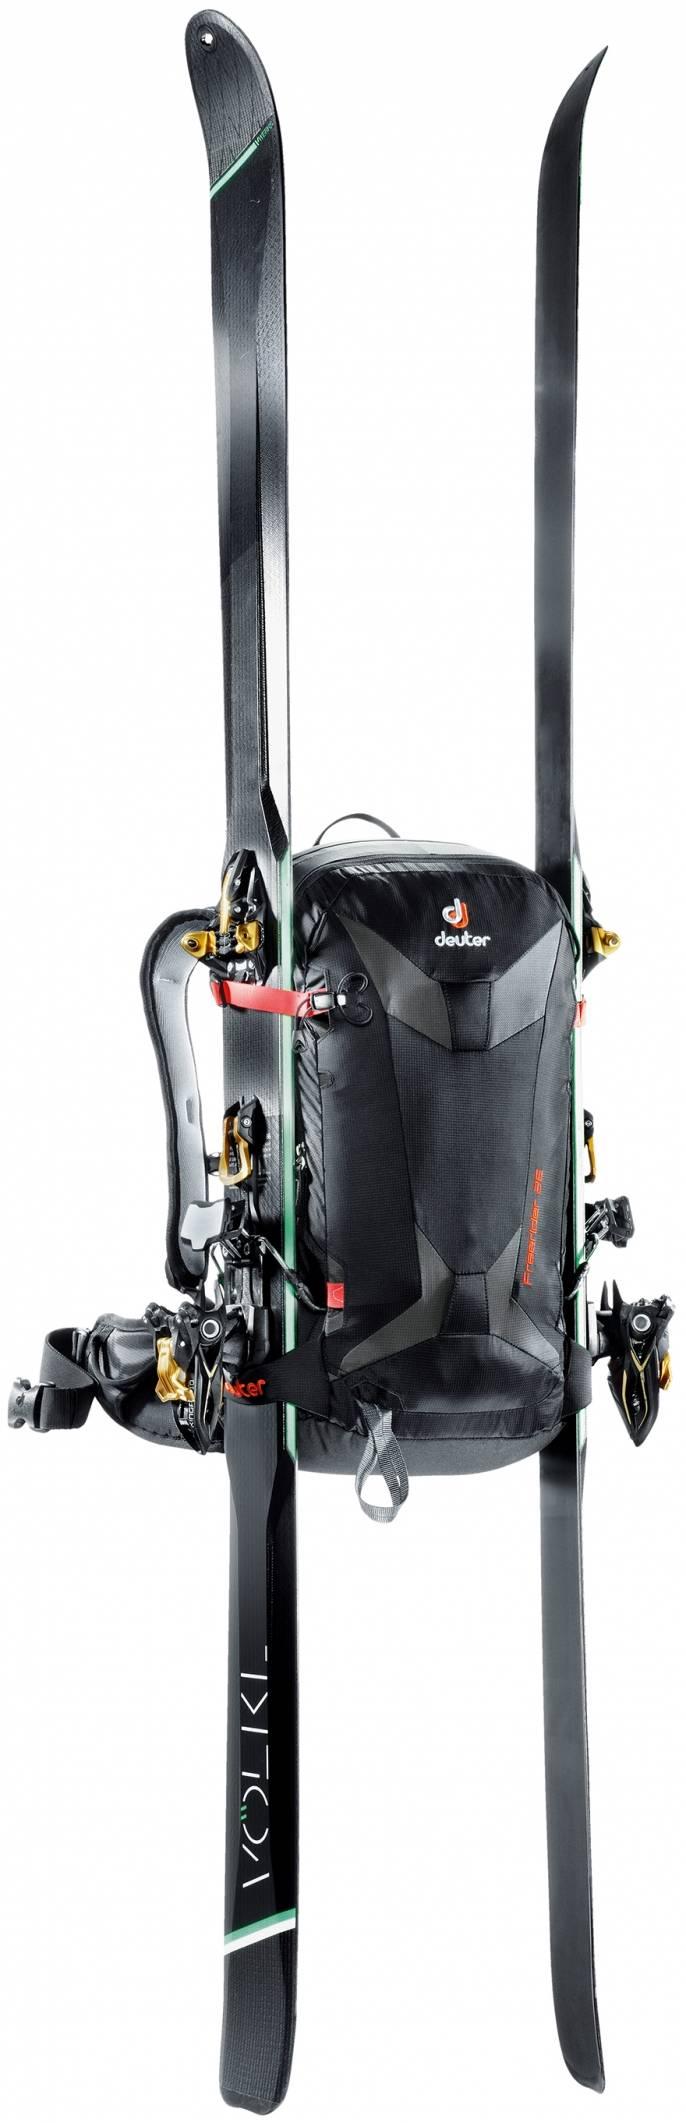 SEO Deuter Freerider SL porte-ski